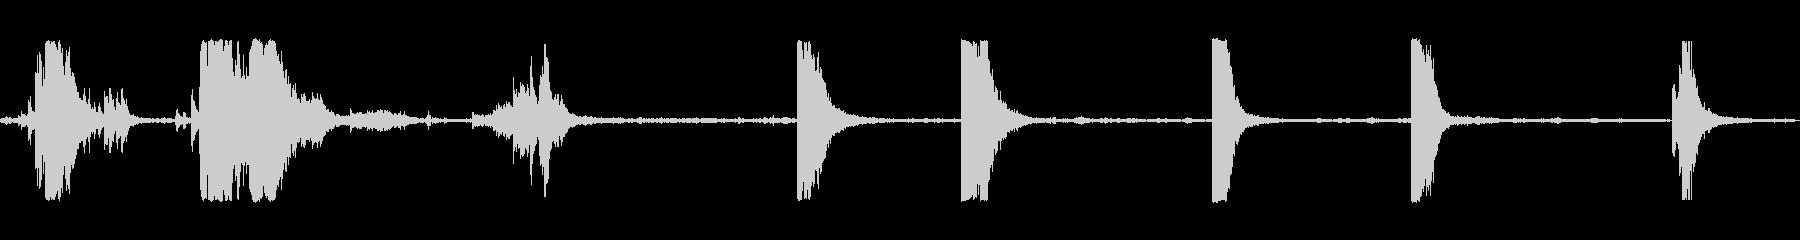 空のゴロゴロと転がる金属ドラムの未再生の波形